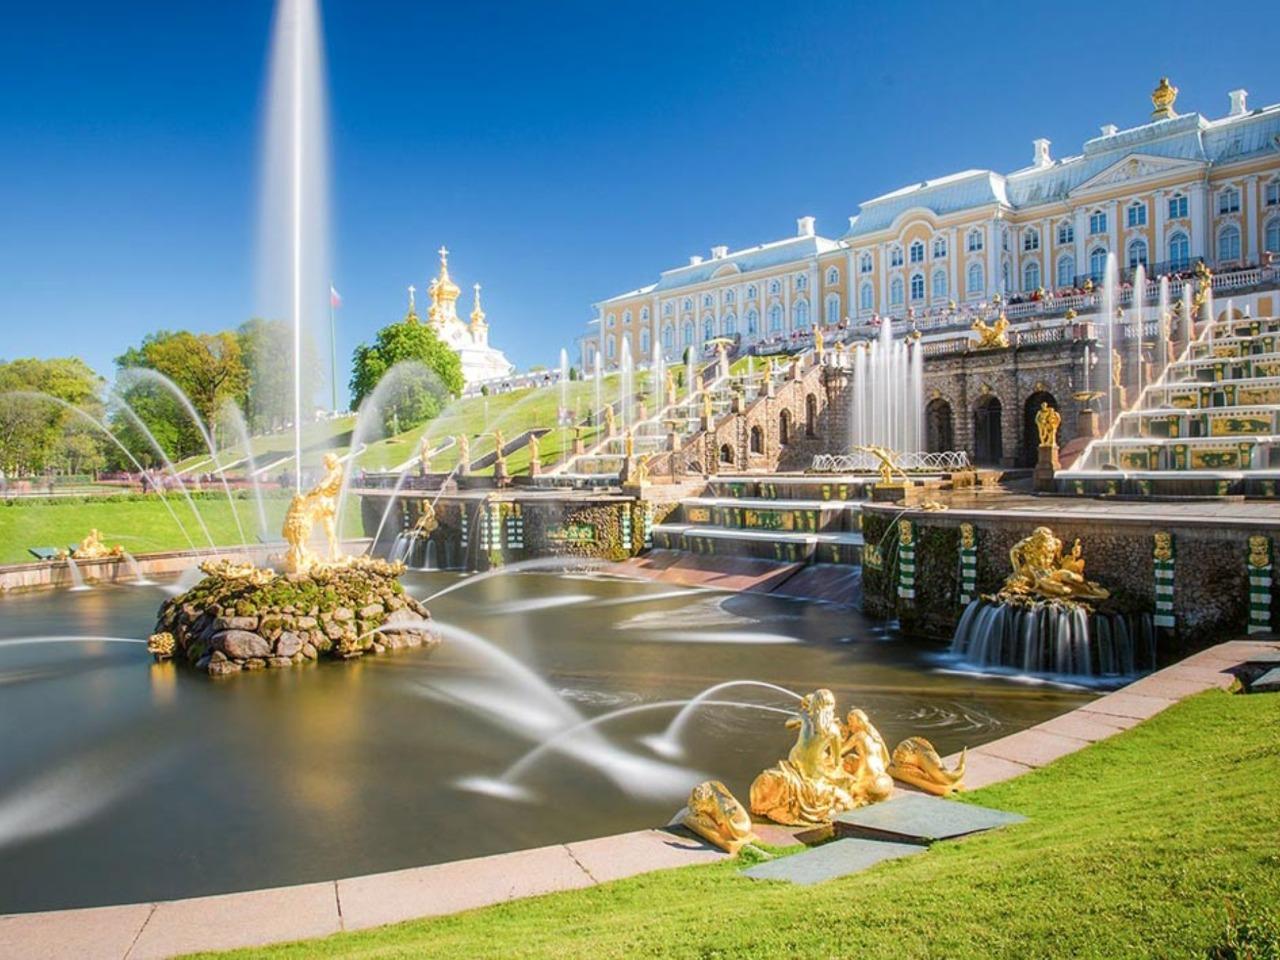 Петергоф - золоченая столица фонтанов  - индивидуальная экскурсия по Санкт-Петербургу от опытного гида